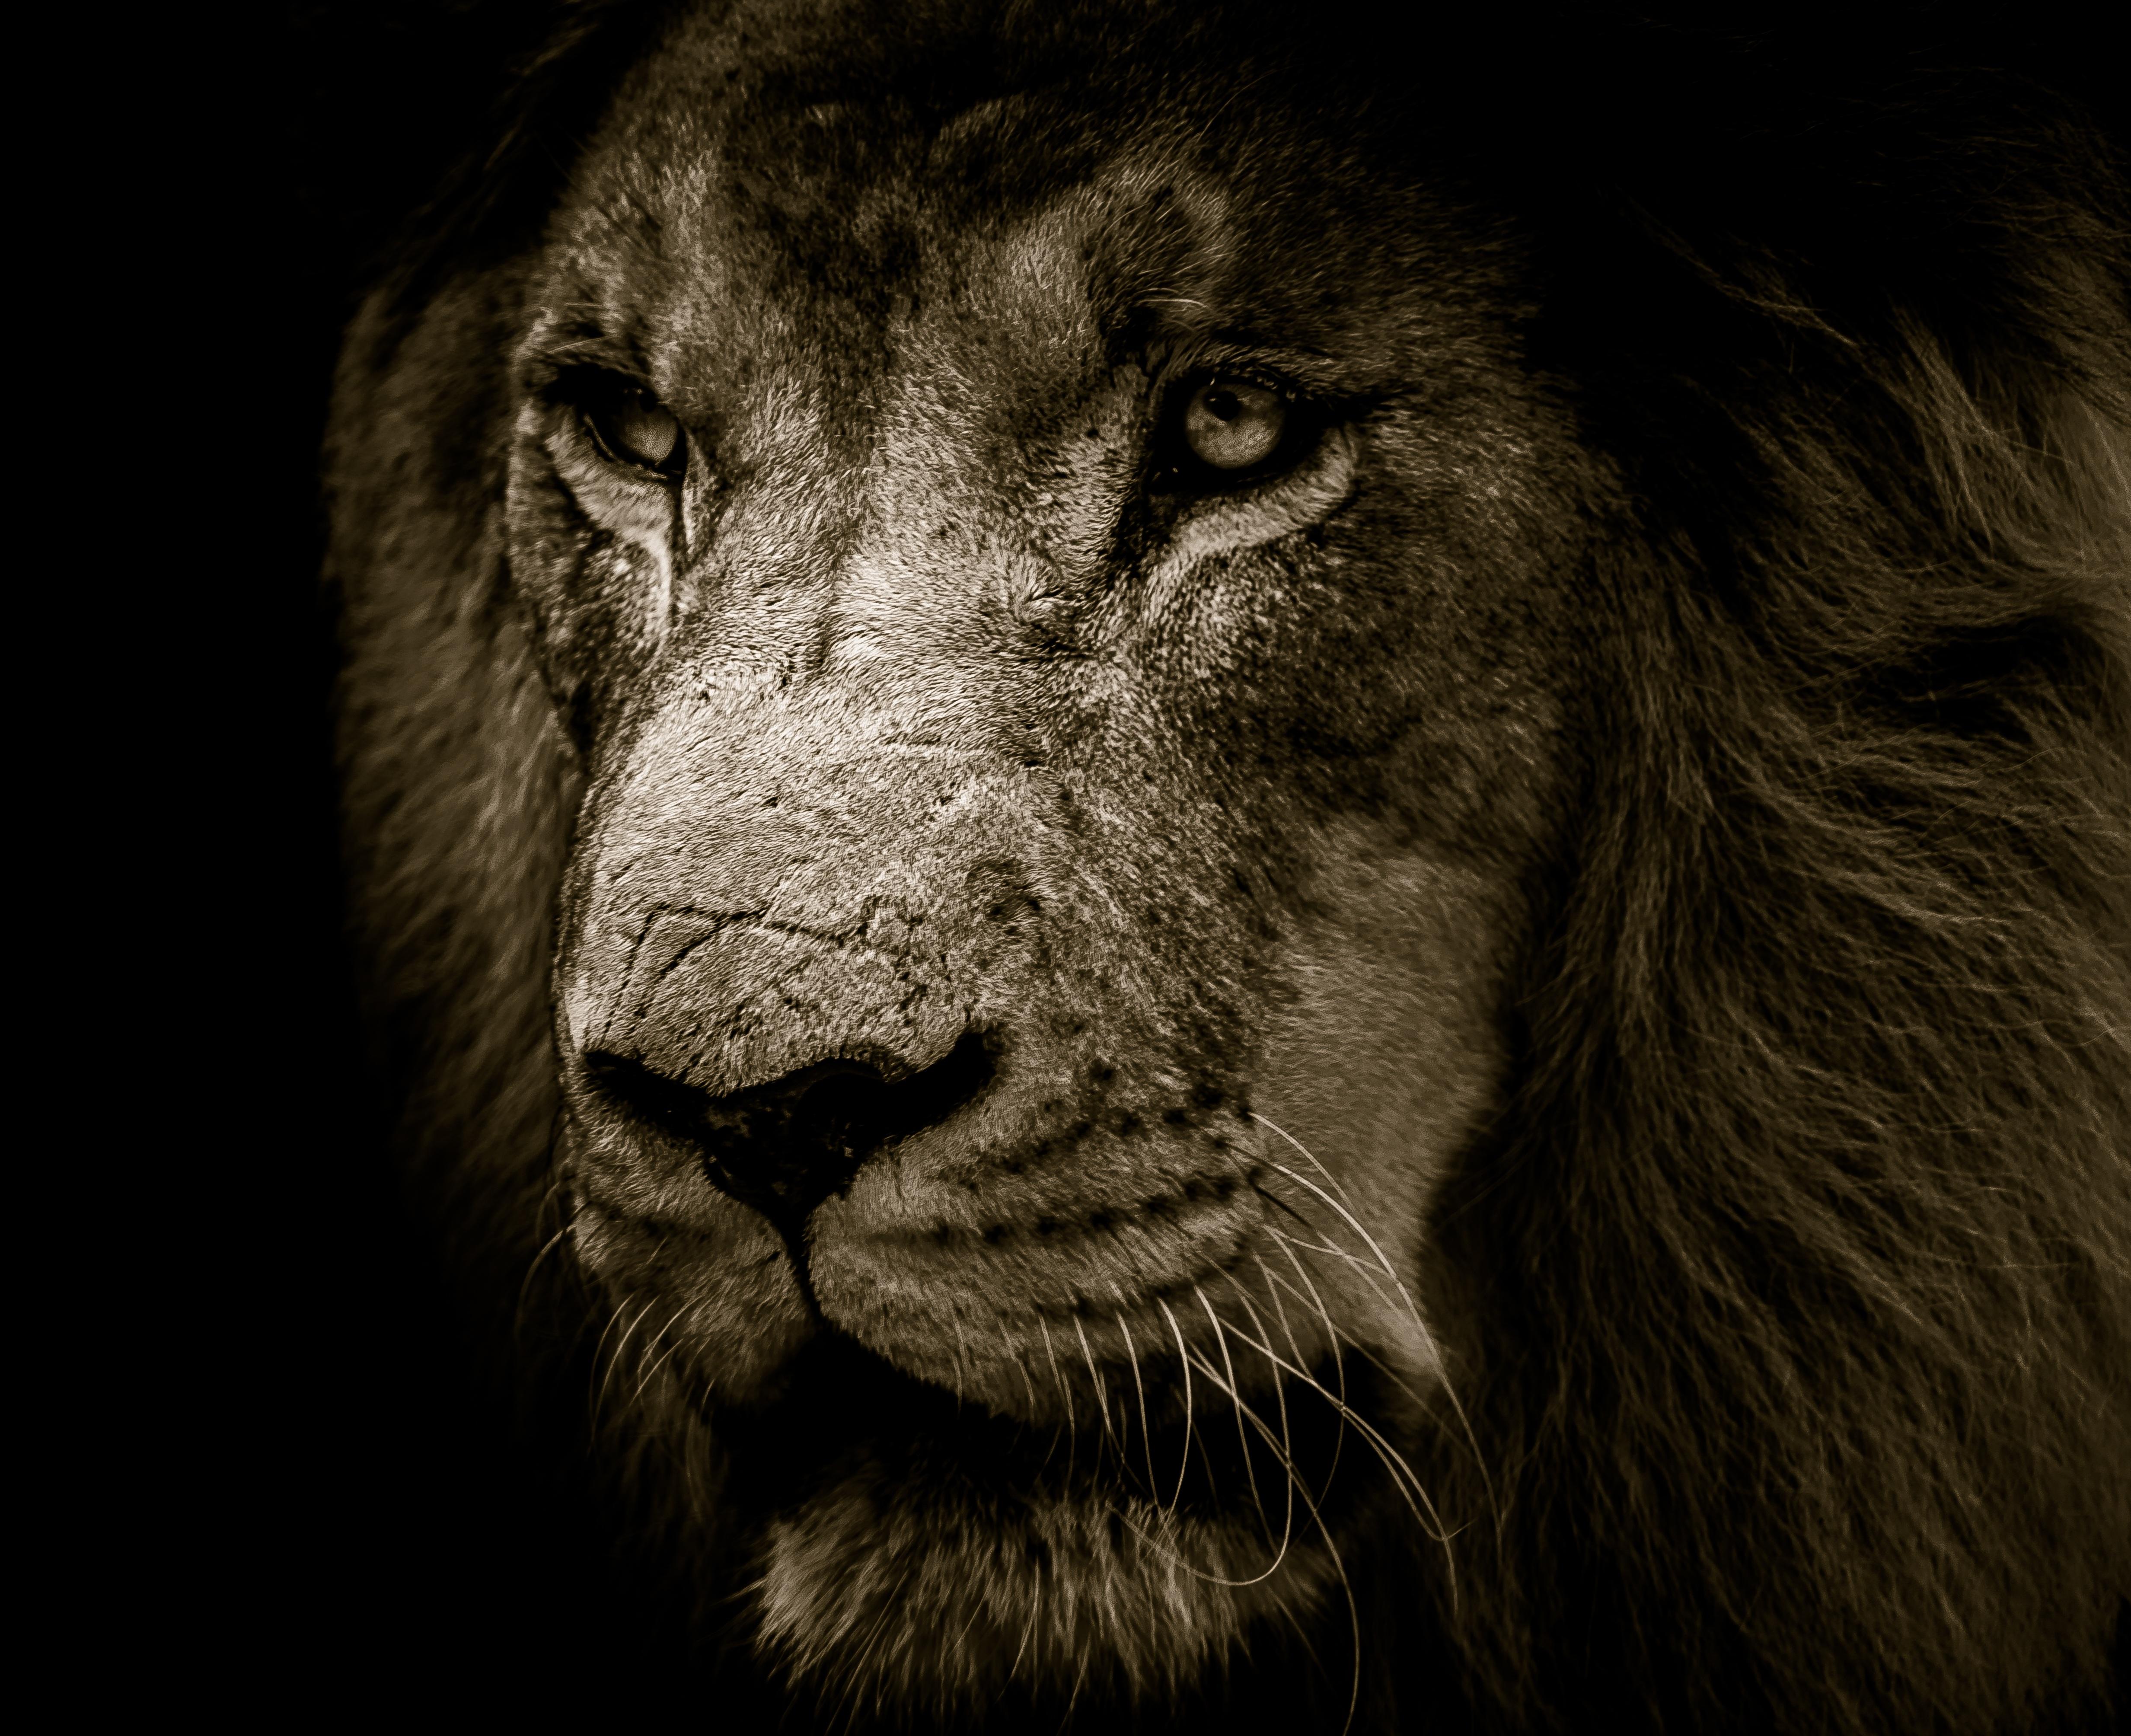 African lion face 4k uhd wallpaper - Lion 4k wallpaper for mobile ...